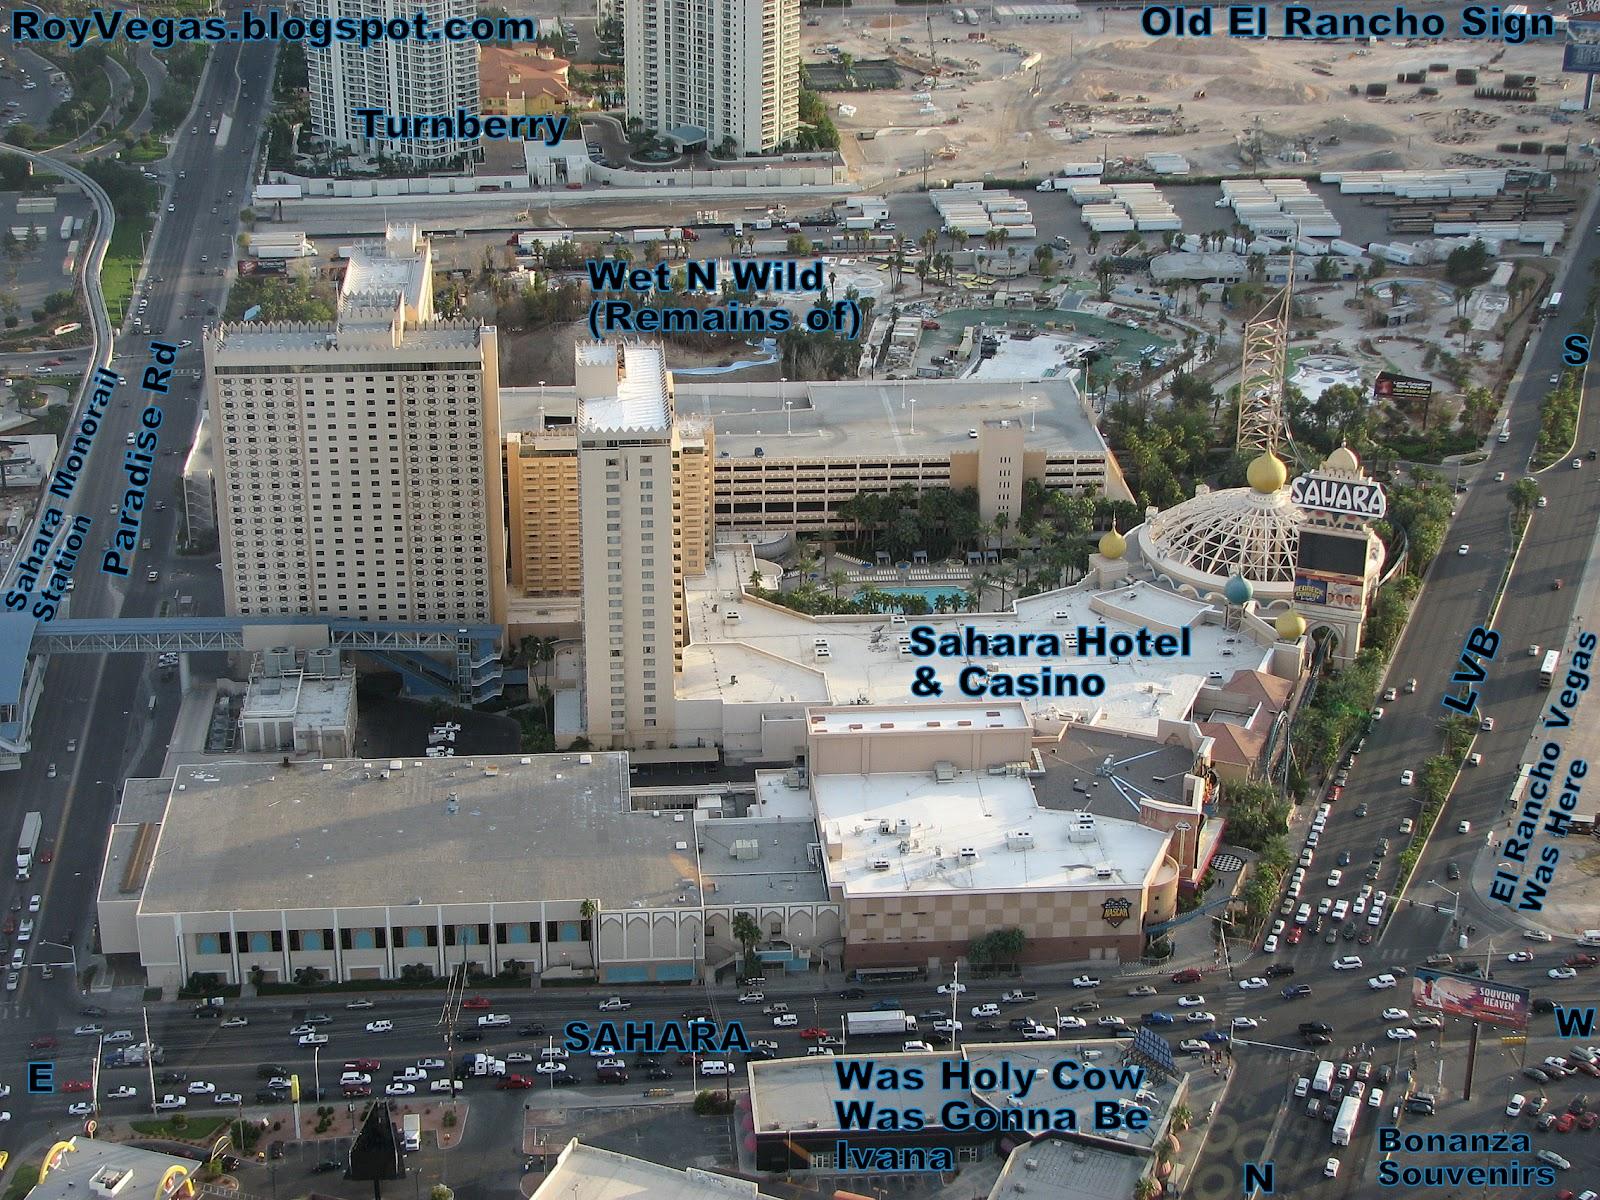 Sahara Las Vegas